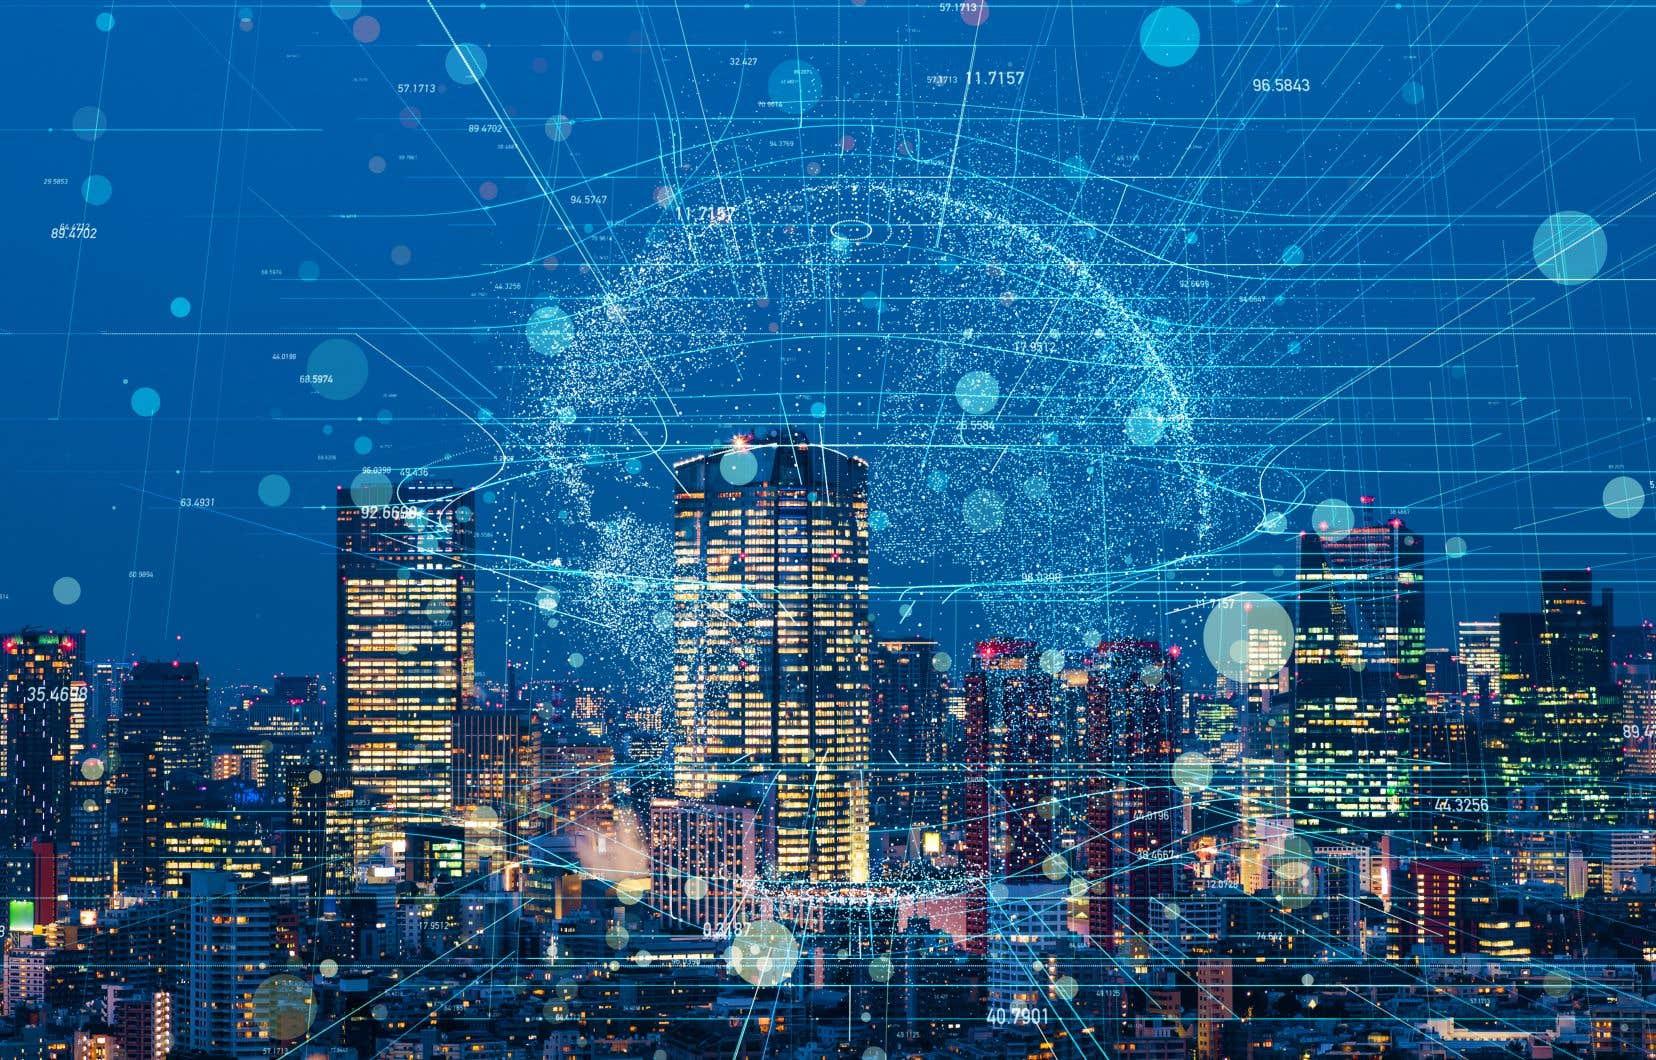 L'évolution n'est pas qu'une question d'aptitudes, mais aussi de variété. Les villes intelligentes et leurs technologies inhérentes seront plus résilientes si elles sont diversifiées.